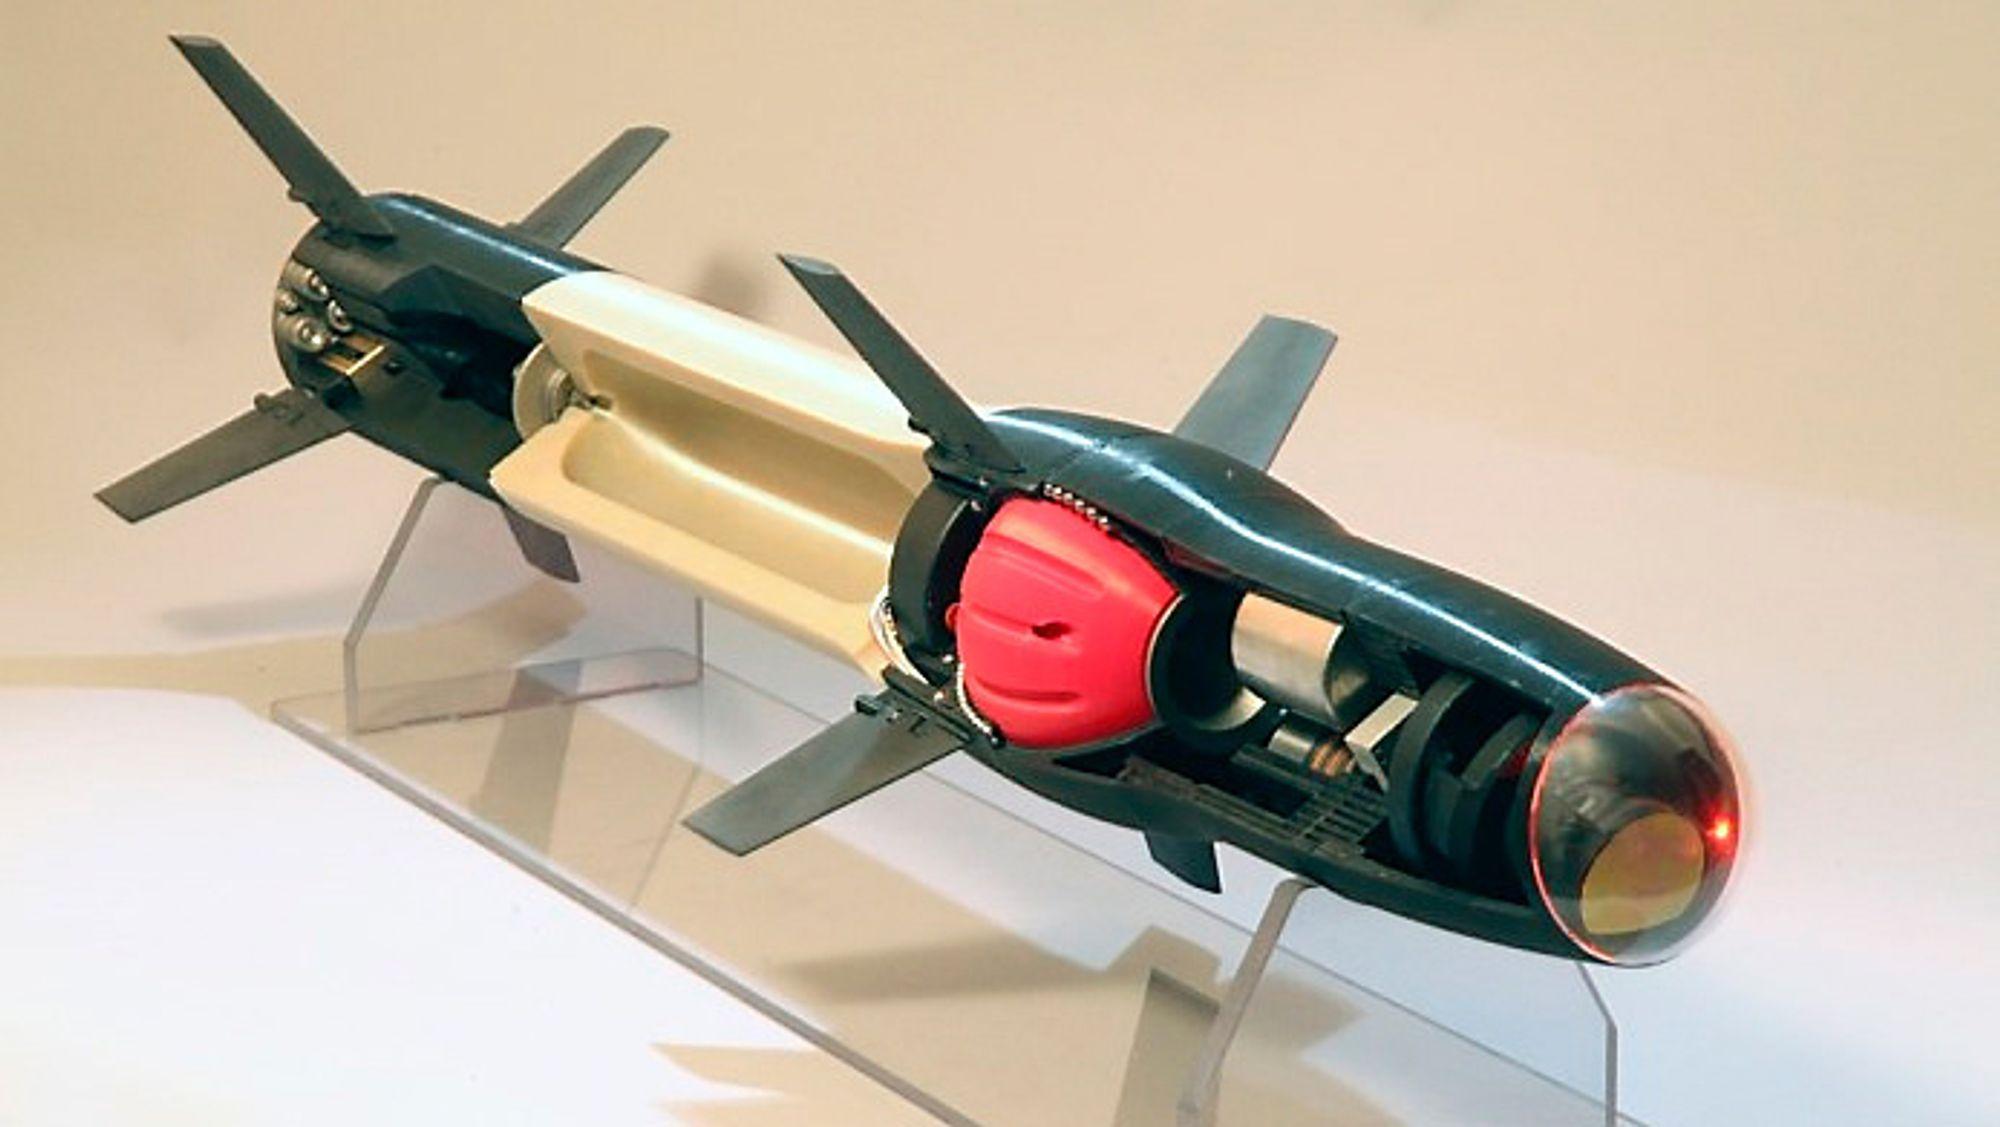 Denne modellen viser hvilke deler av et missil som kan 3D-printes i dag.